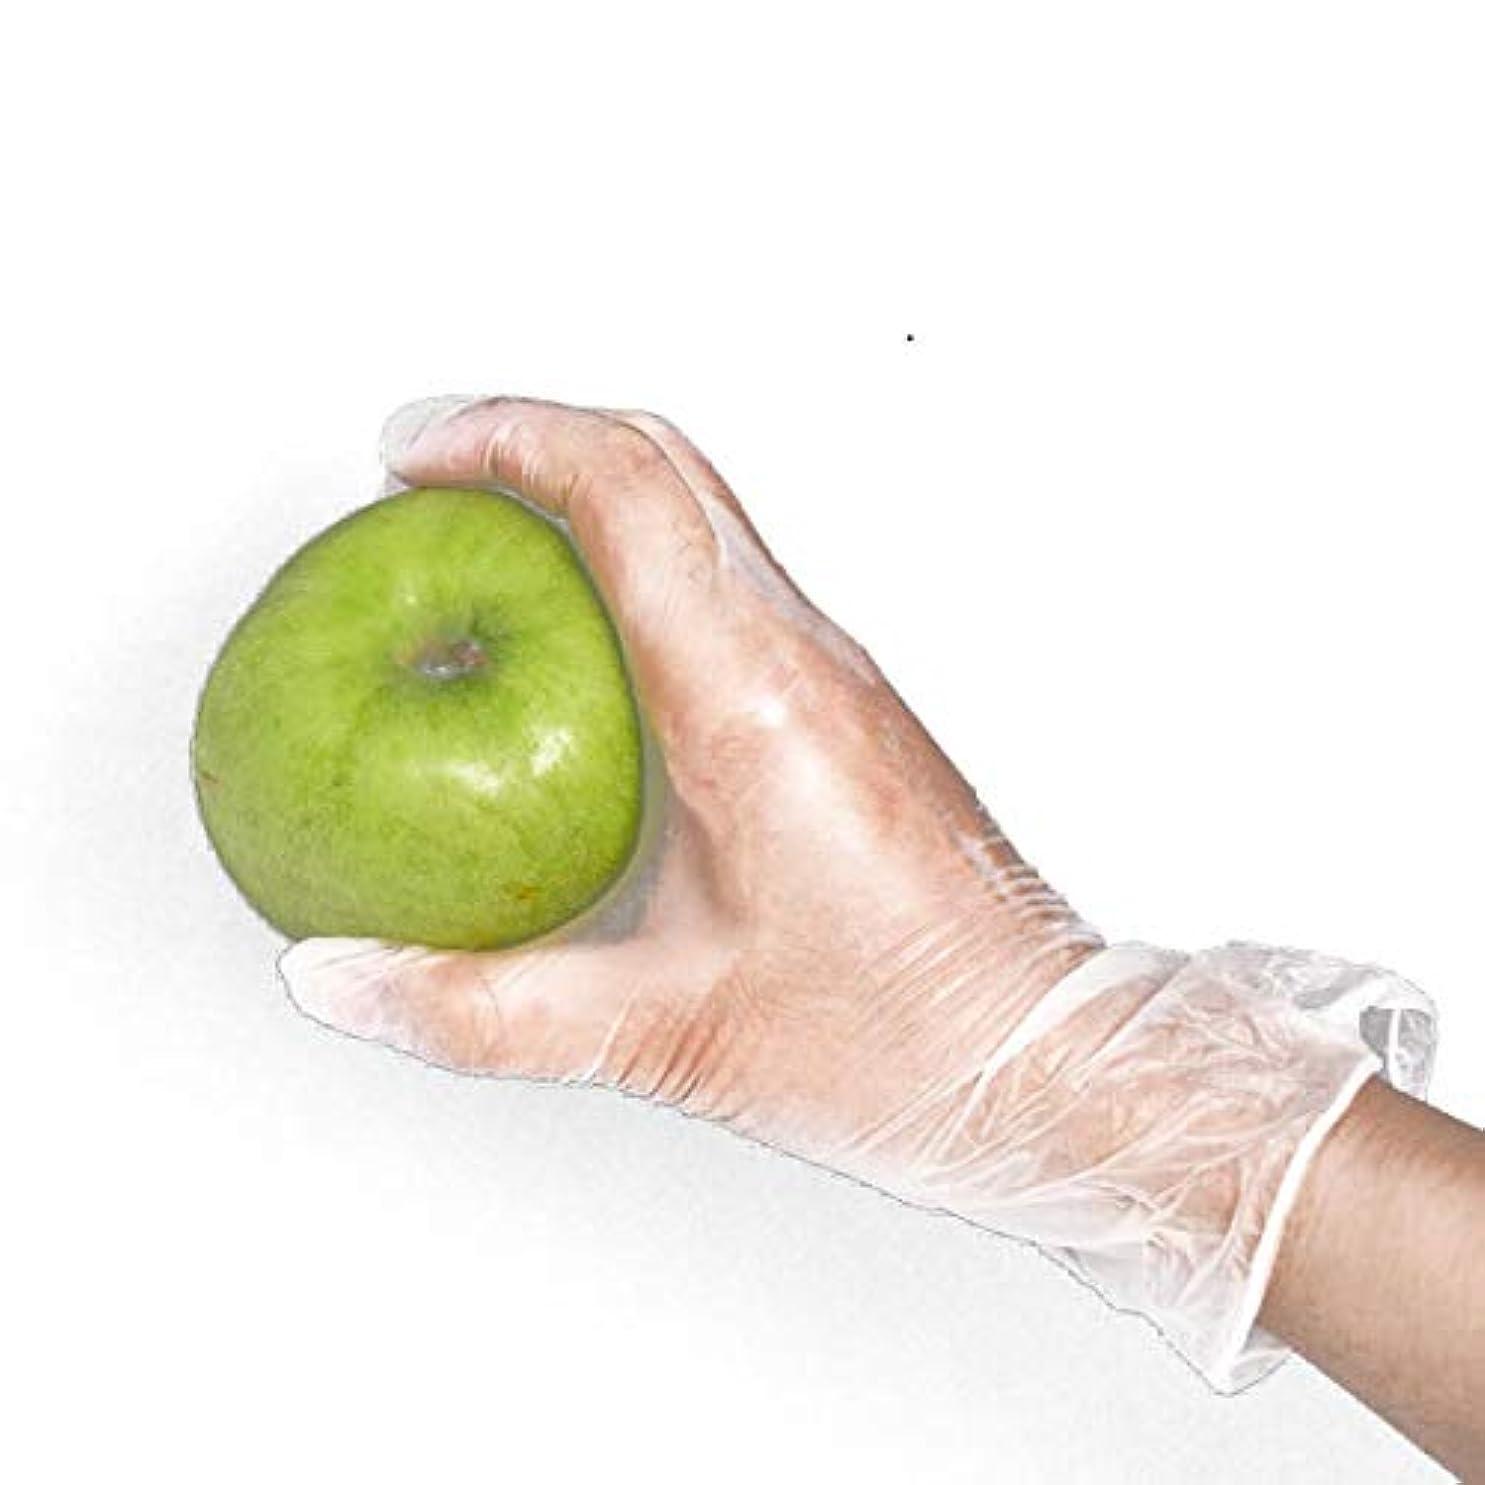 ジャケット無視少なくとも[FJTK]使い捨て手袋 透明 100枚入 ホワイト  医療 美容 科学実験 (M)